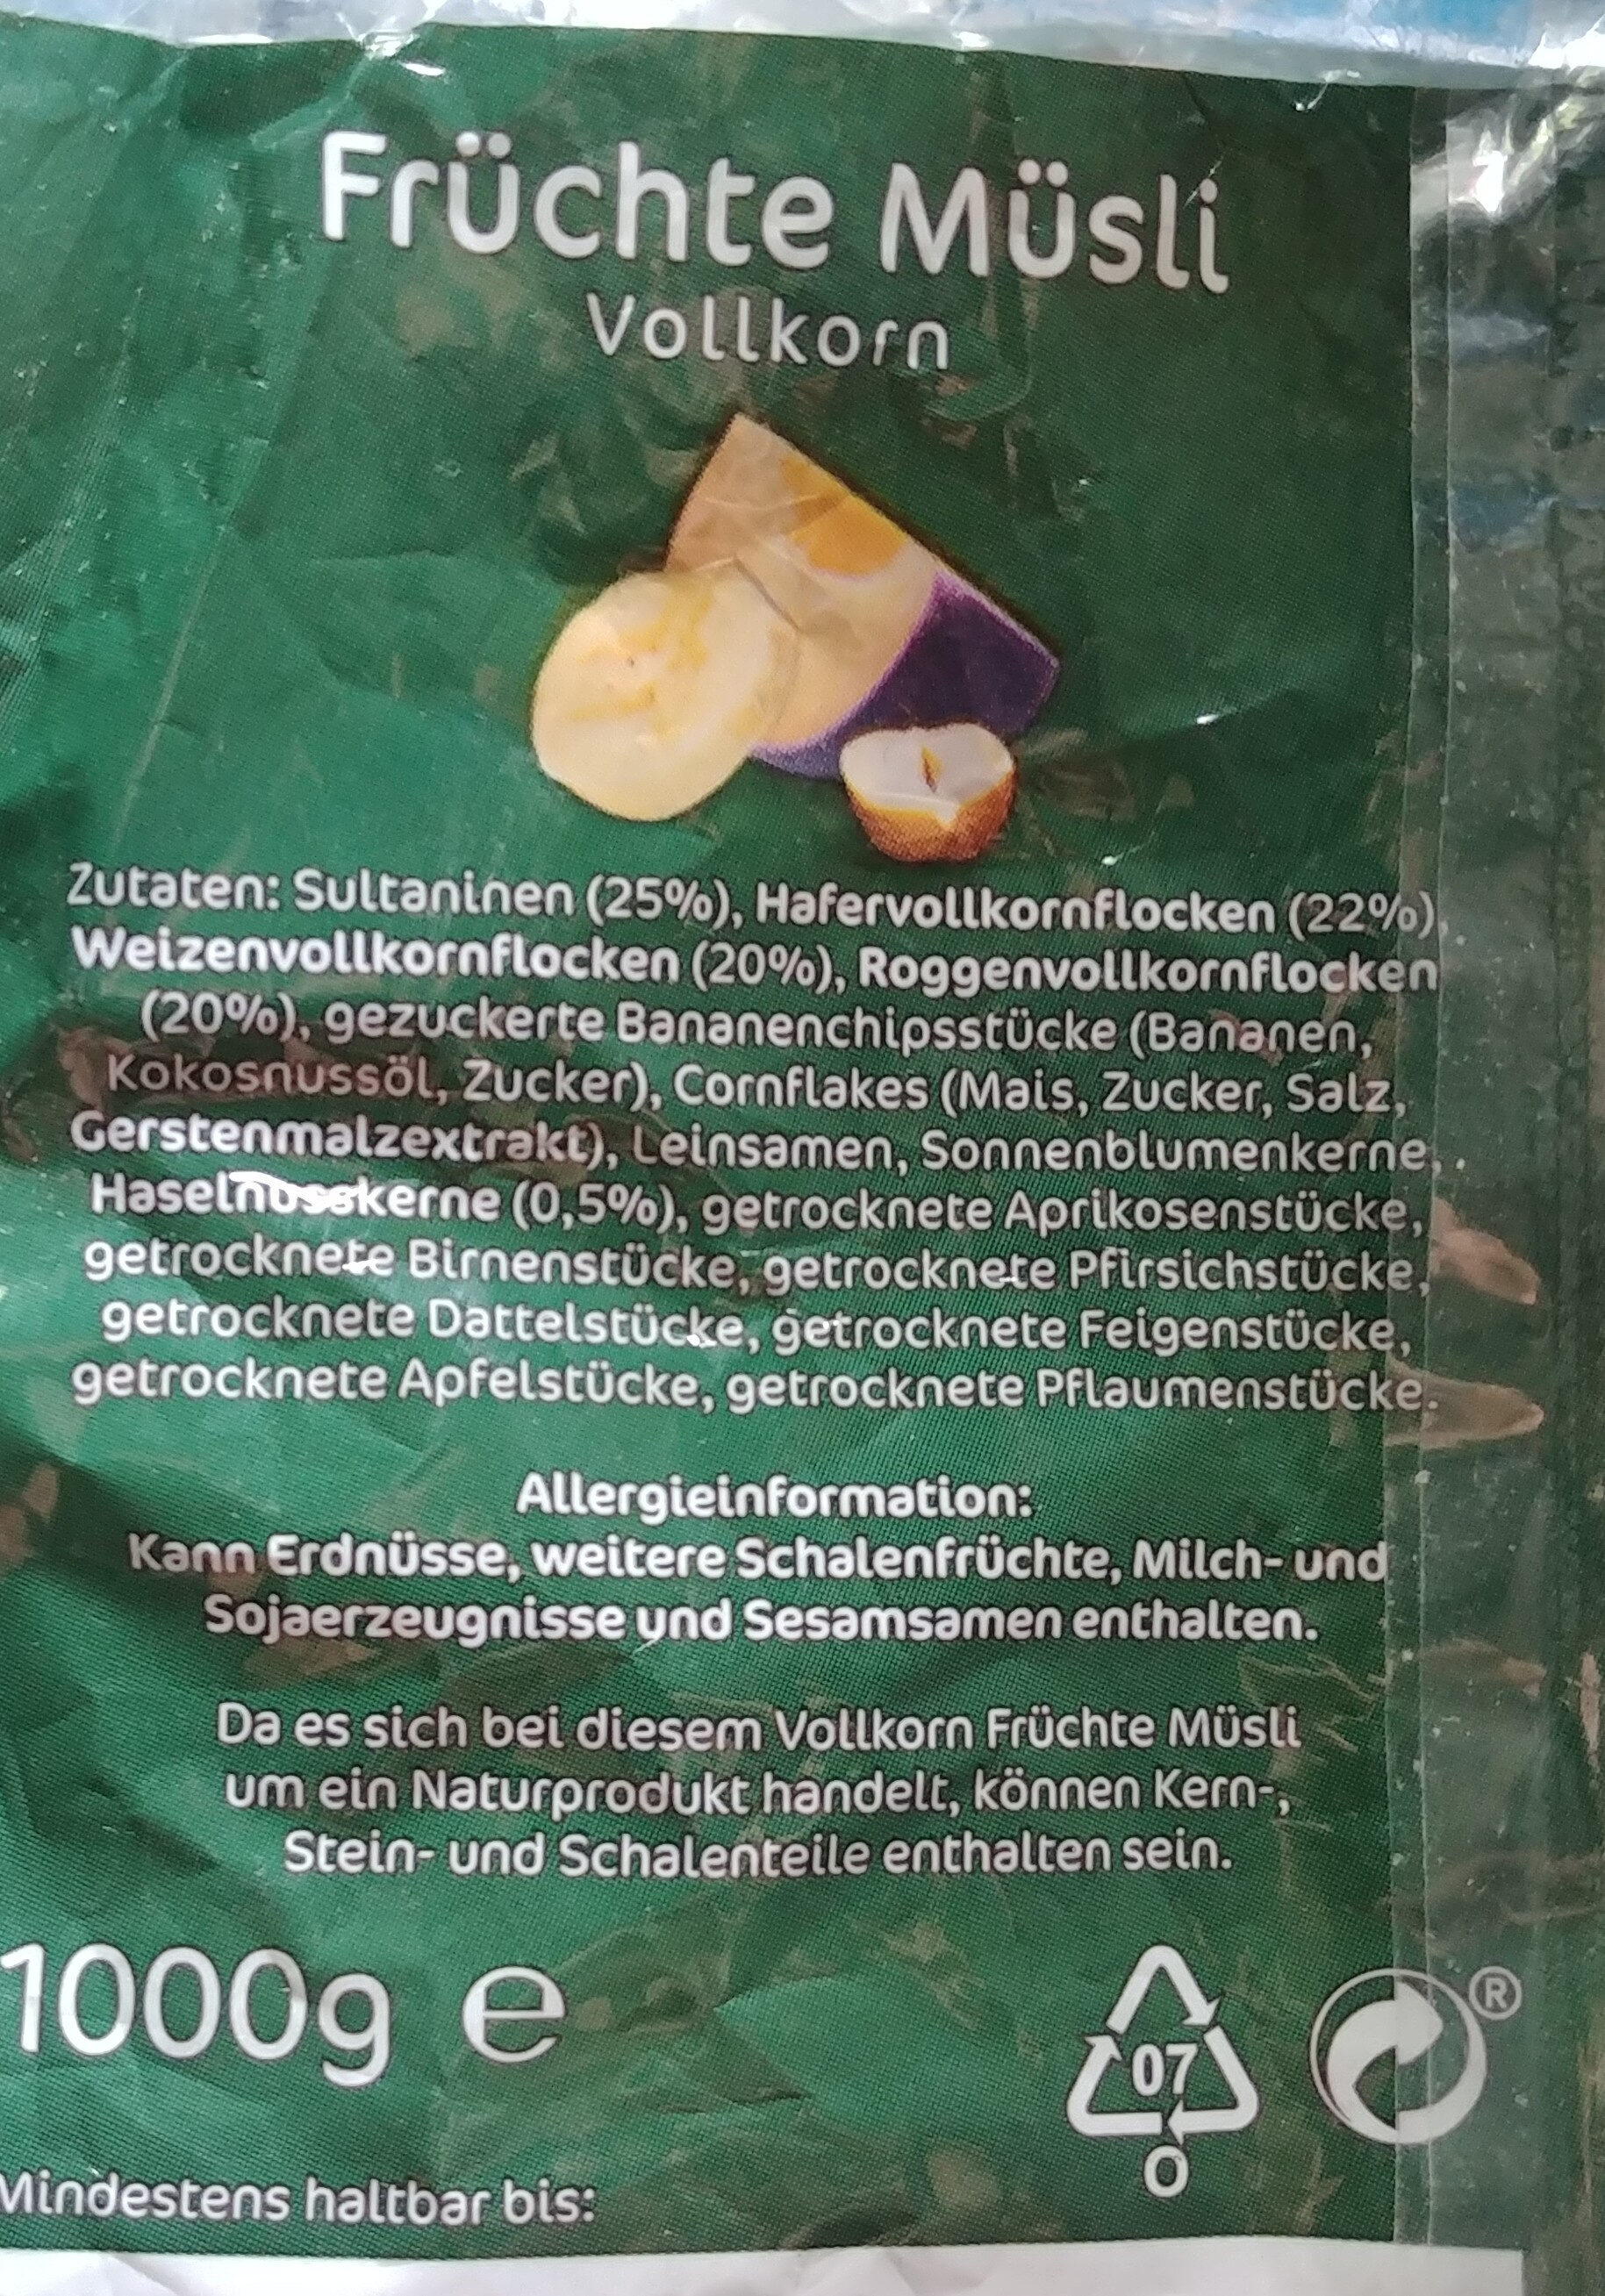 Früchtemüsli Vollkorn/Trauben-Nuss Müsli Vollkorn - Ingrédients